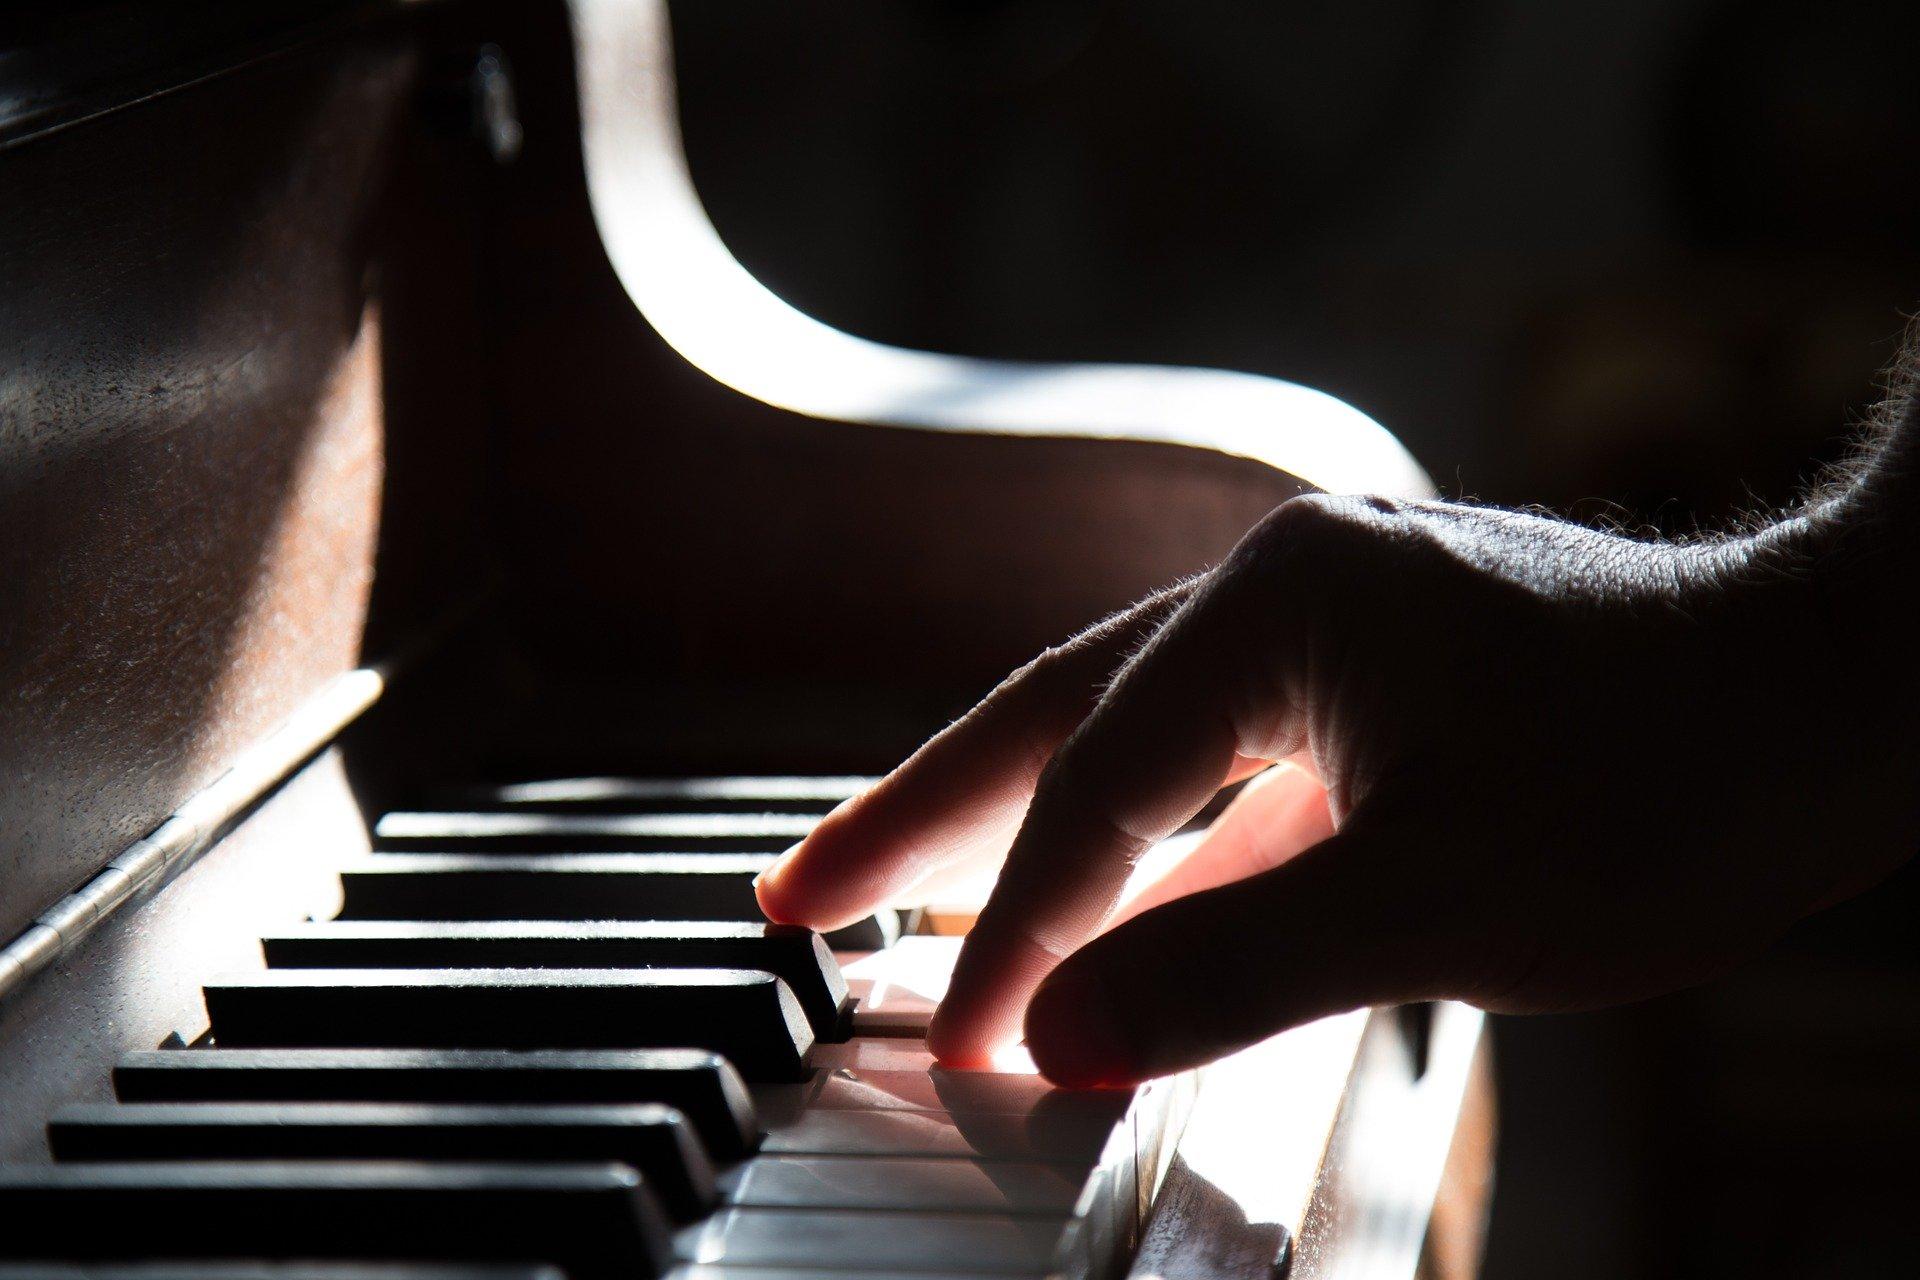 ピアノで音楽を楽しむ手